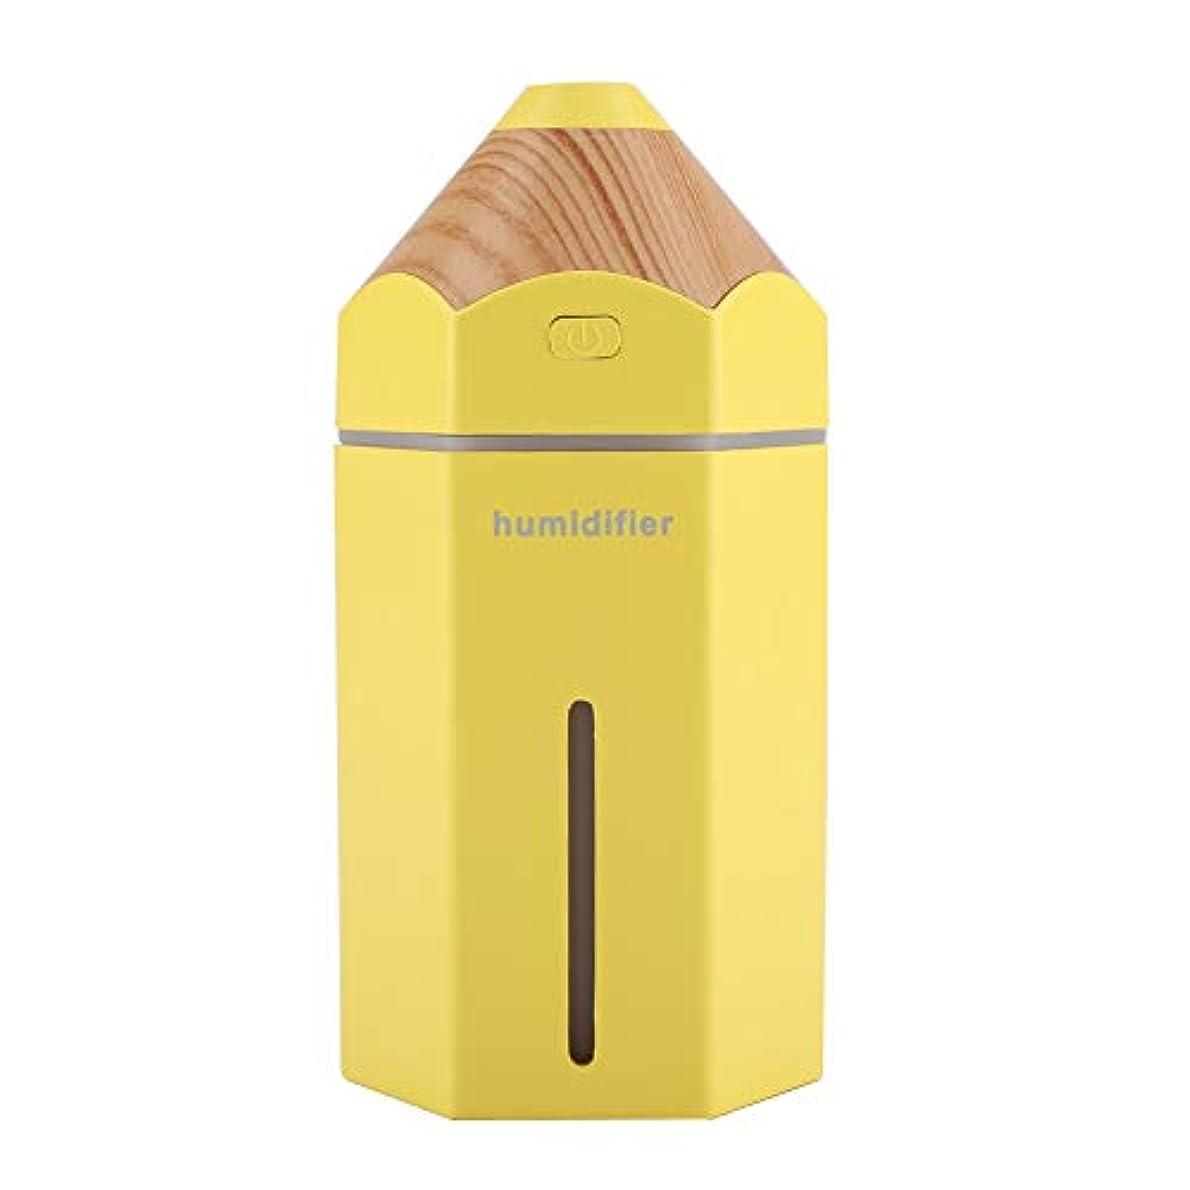 考古学者コショウ敬礼USBの拡散器、再充電可能な携帯用車のオフィスの超音波加湿器7色LEDライト拡散器(黄)